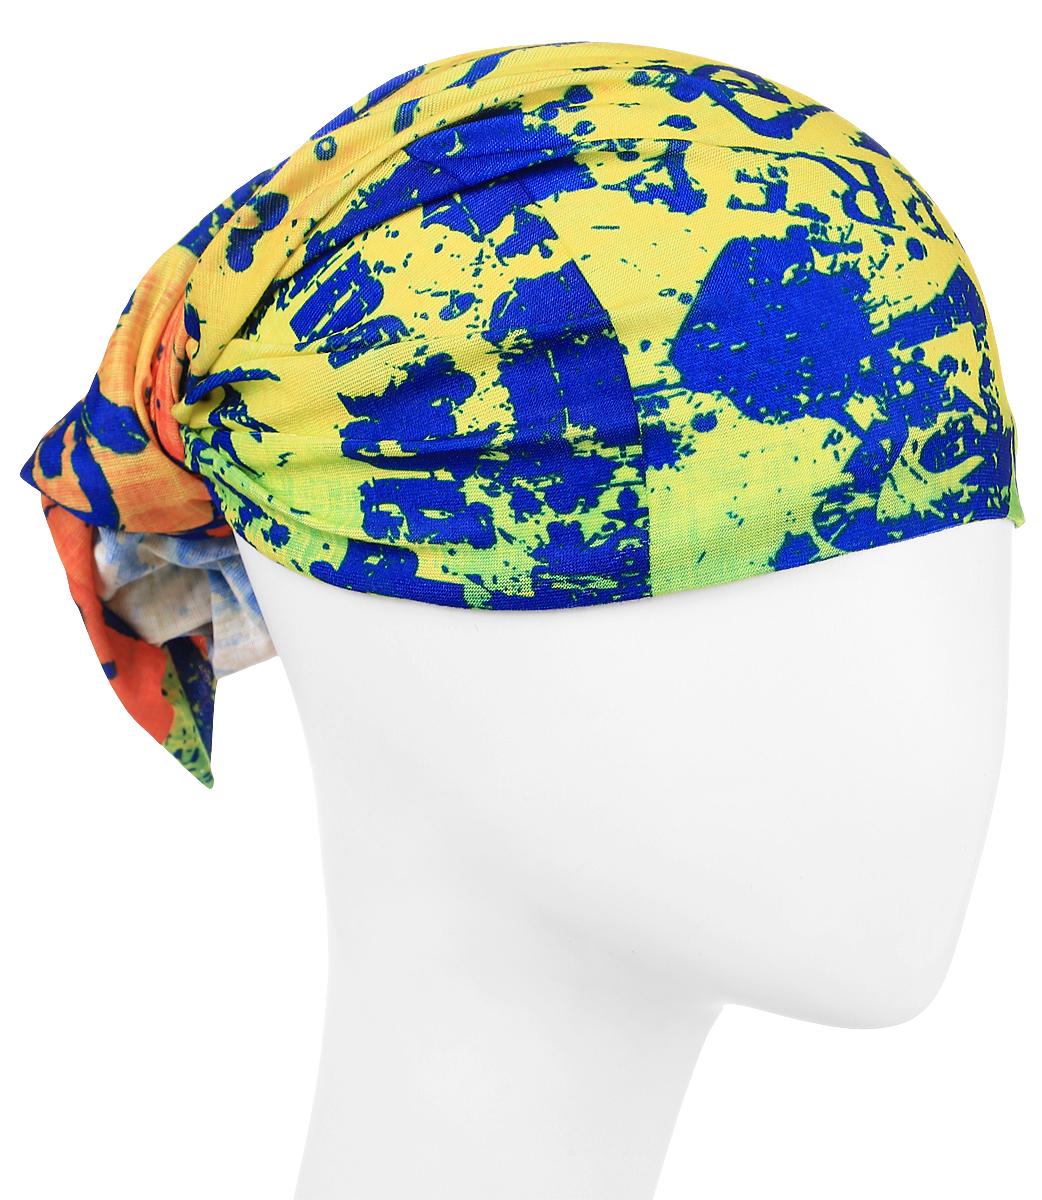 Повязка на голову Maxval, цвет: желтый. PoY100220. Размер универсальныйPoY100220Повязка на голову Maxval выполнена из хлопка с эластаном в яркой цветовой гамме. Размер универсальный. Возможны различные варианты носки.